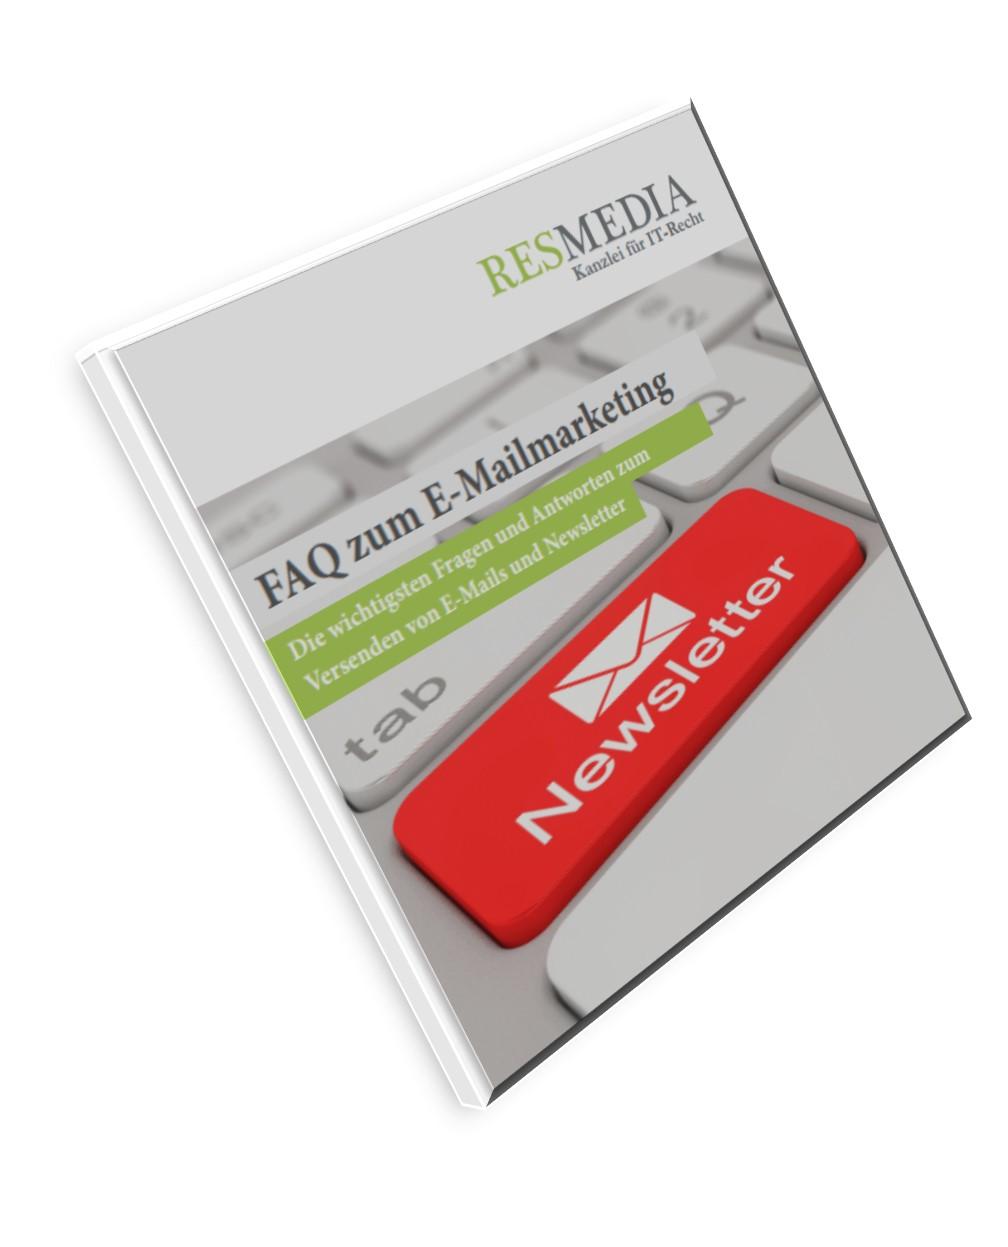 Gesetzeskonformes_E-Mail_Marketing